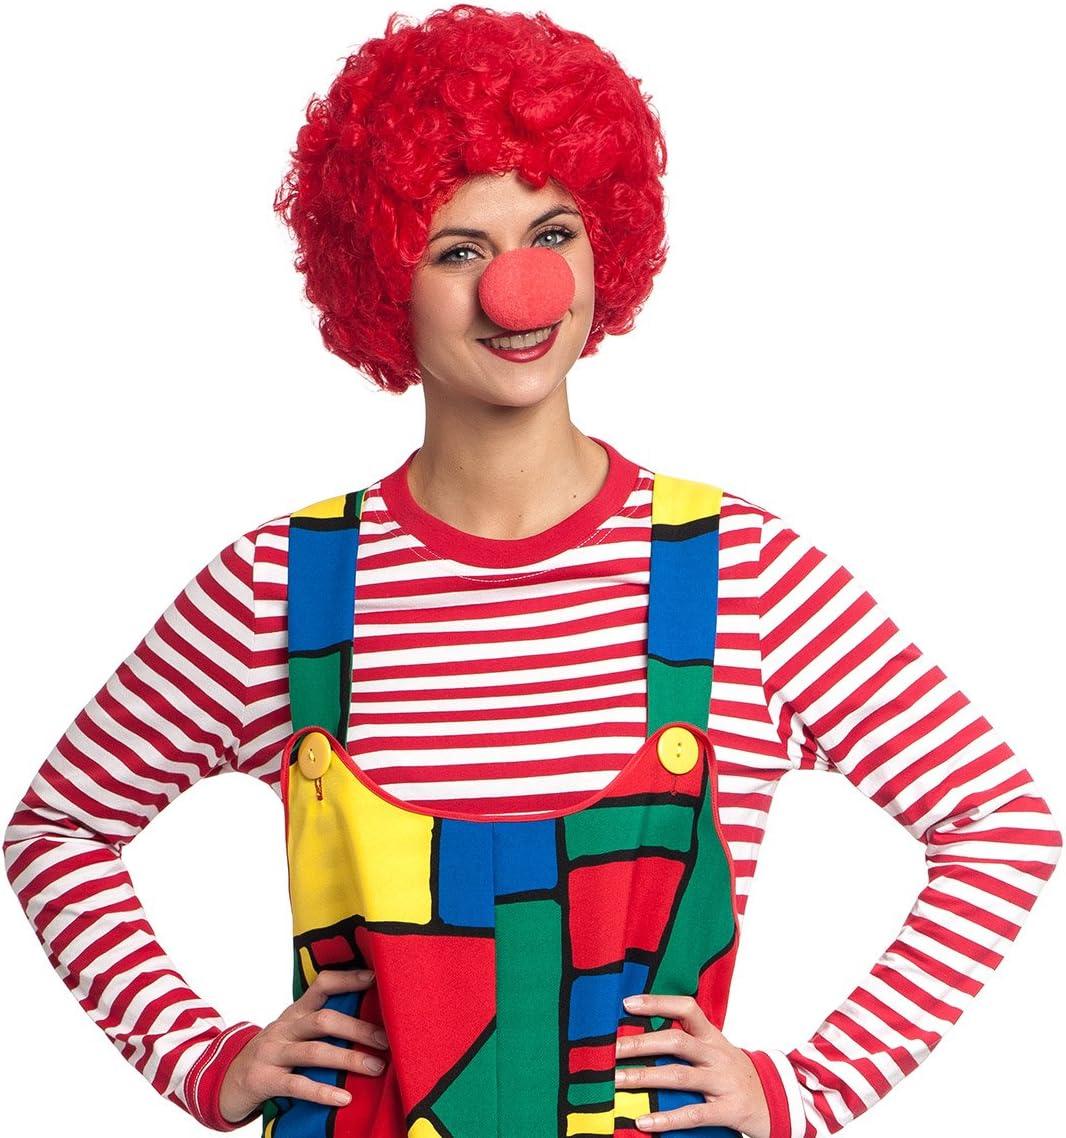 Clown Perücke Afro pink Clowns Perücken Clownsperücke Zirkus Kostüm Clownperücke